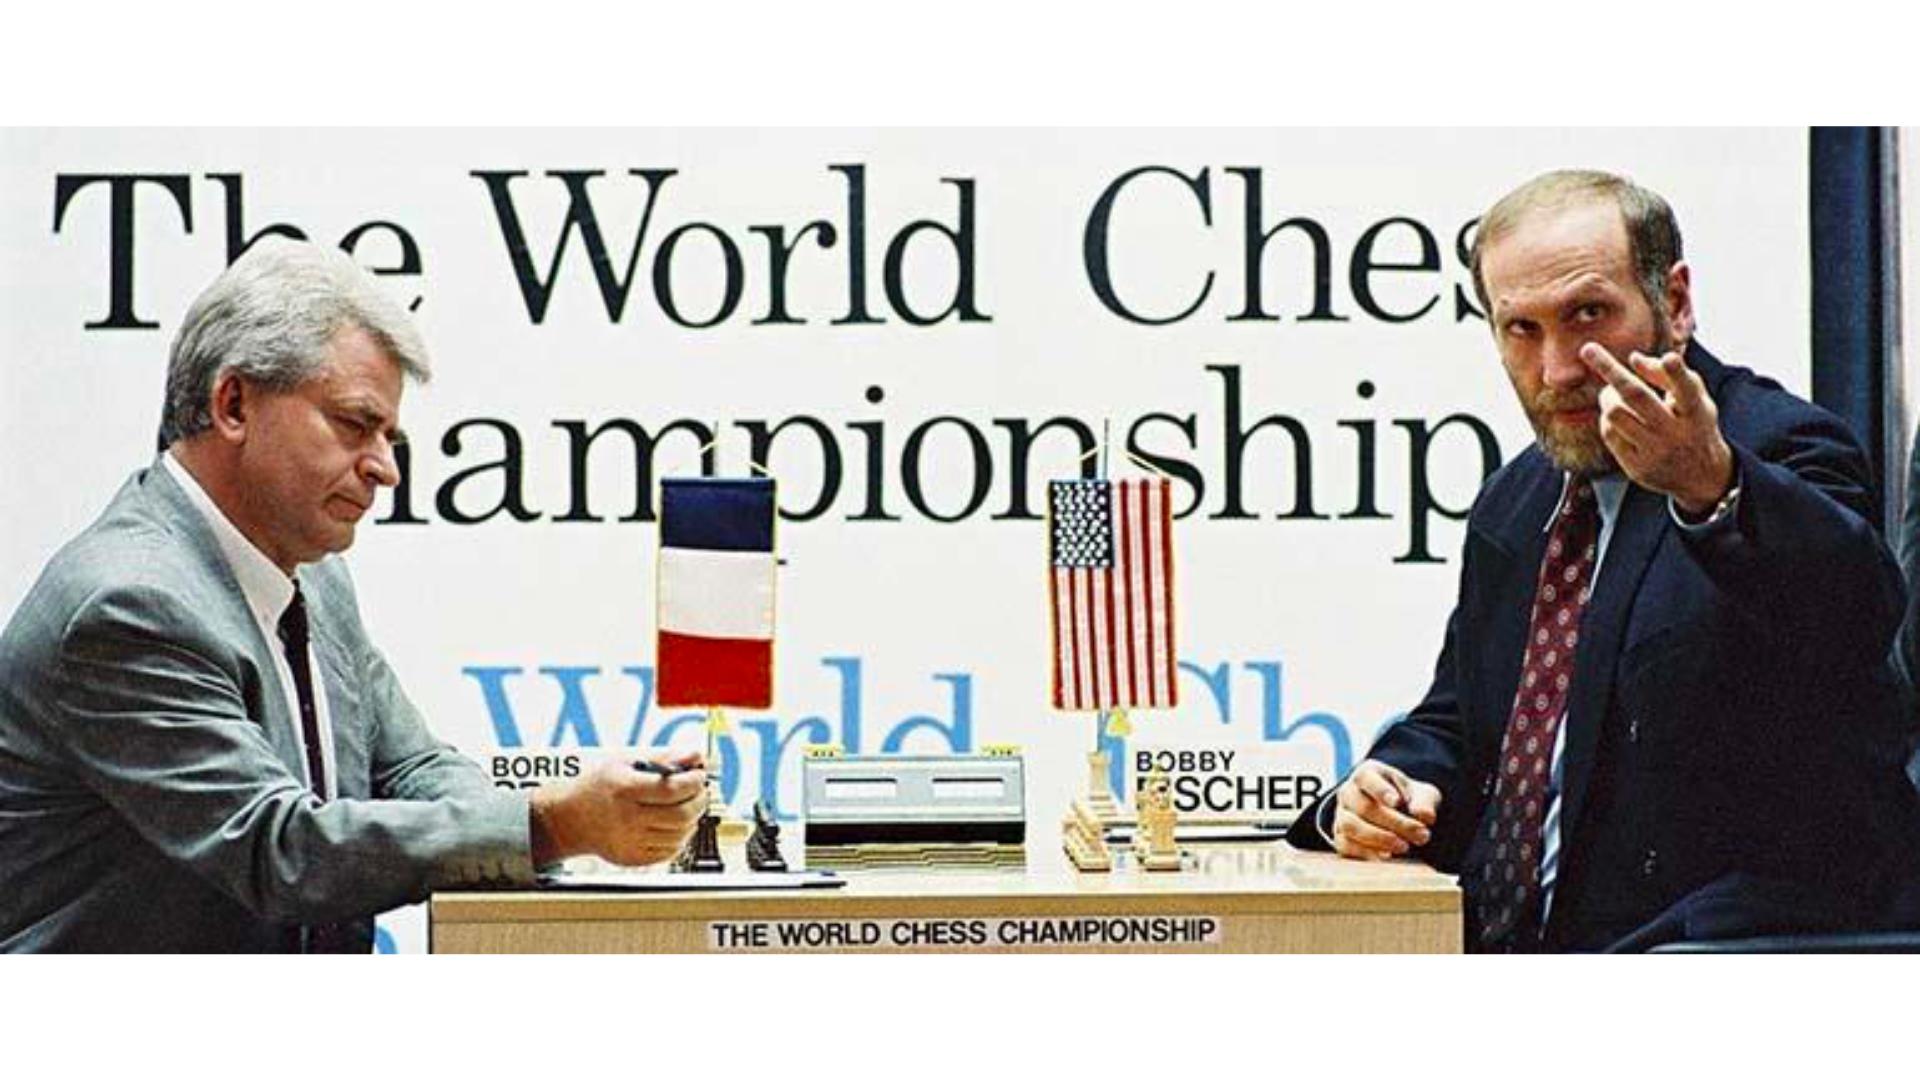 Dünya Satranç Şampiyonasına ait bir görsel.